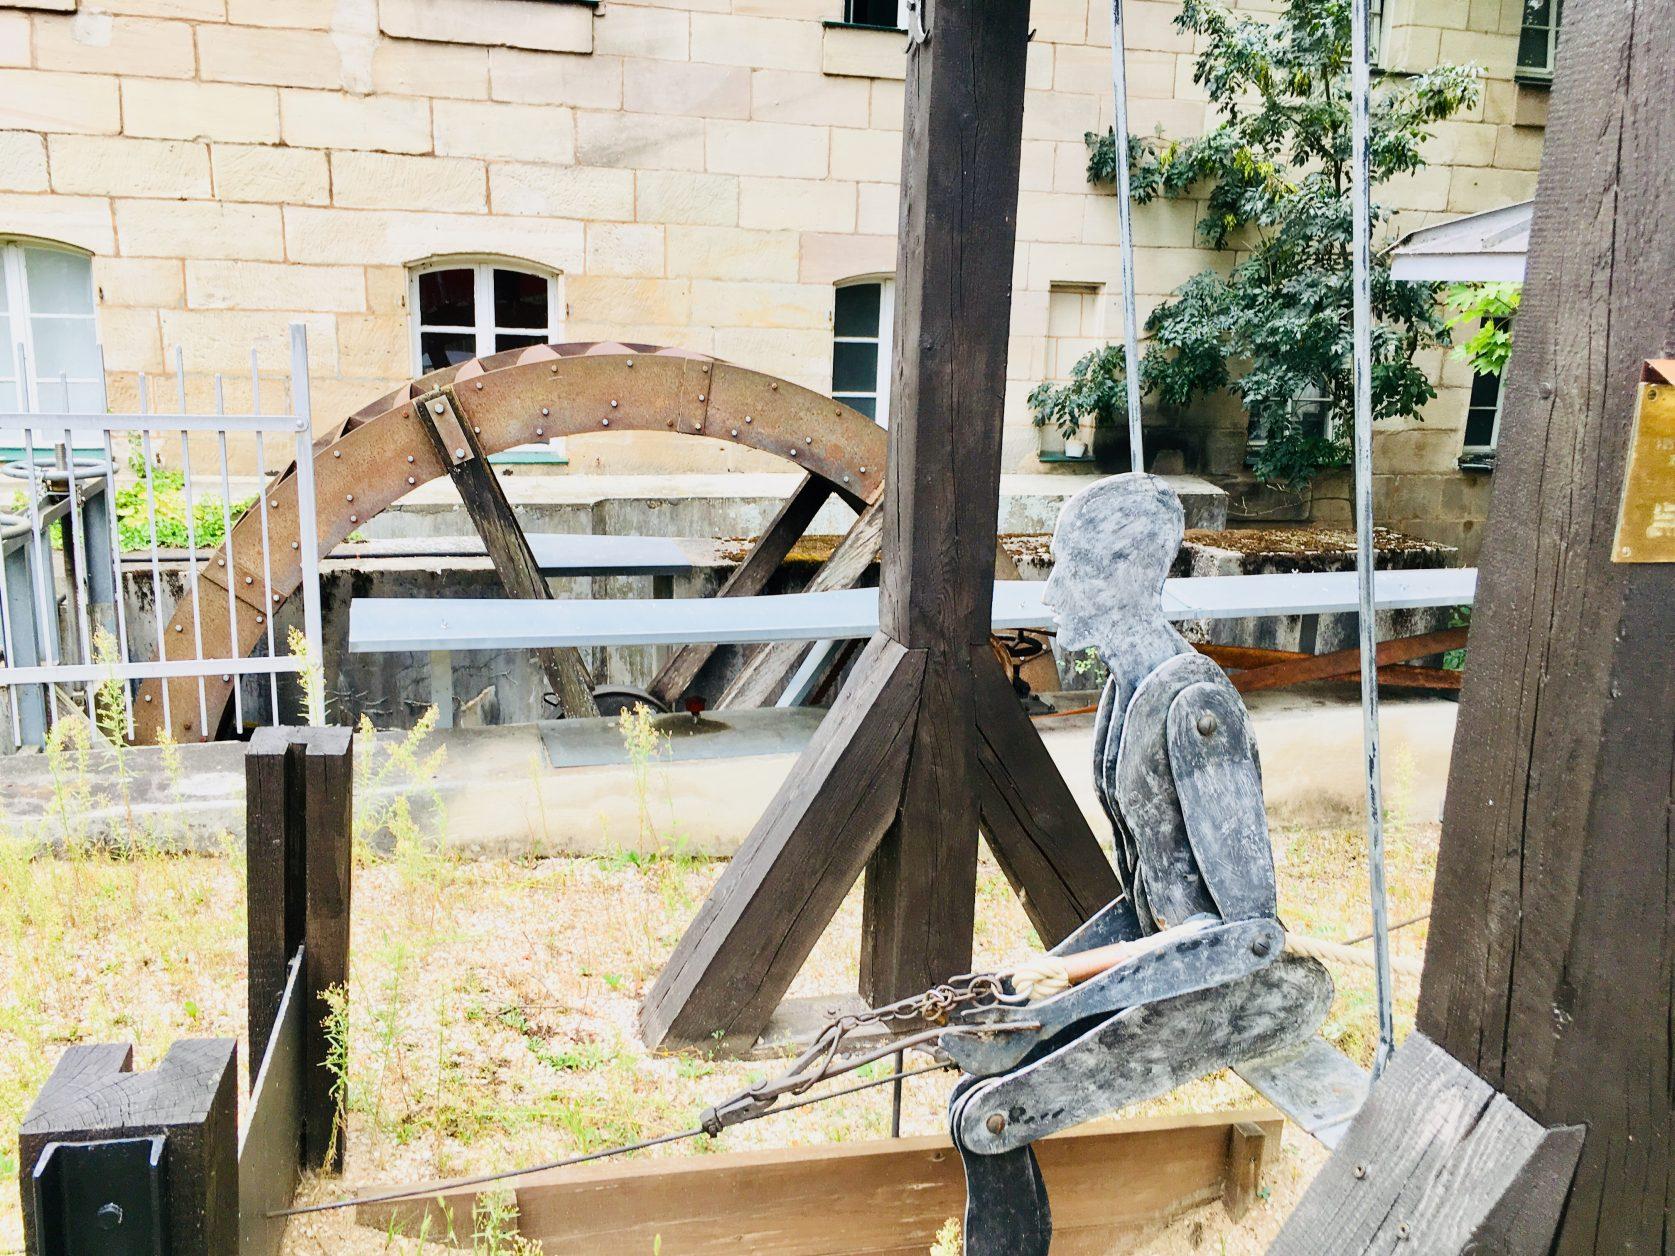 Der Schaukeldrahtzug.Die auf der Schaukel sitzende Figur eines Drahtziehers stammt von dem Staufer Stahlkünstler Thomas Volkmar Held, Foto: Weirauch